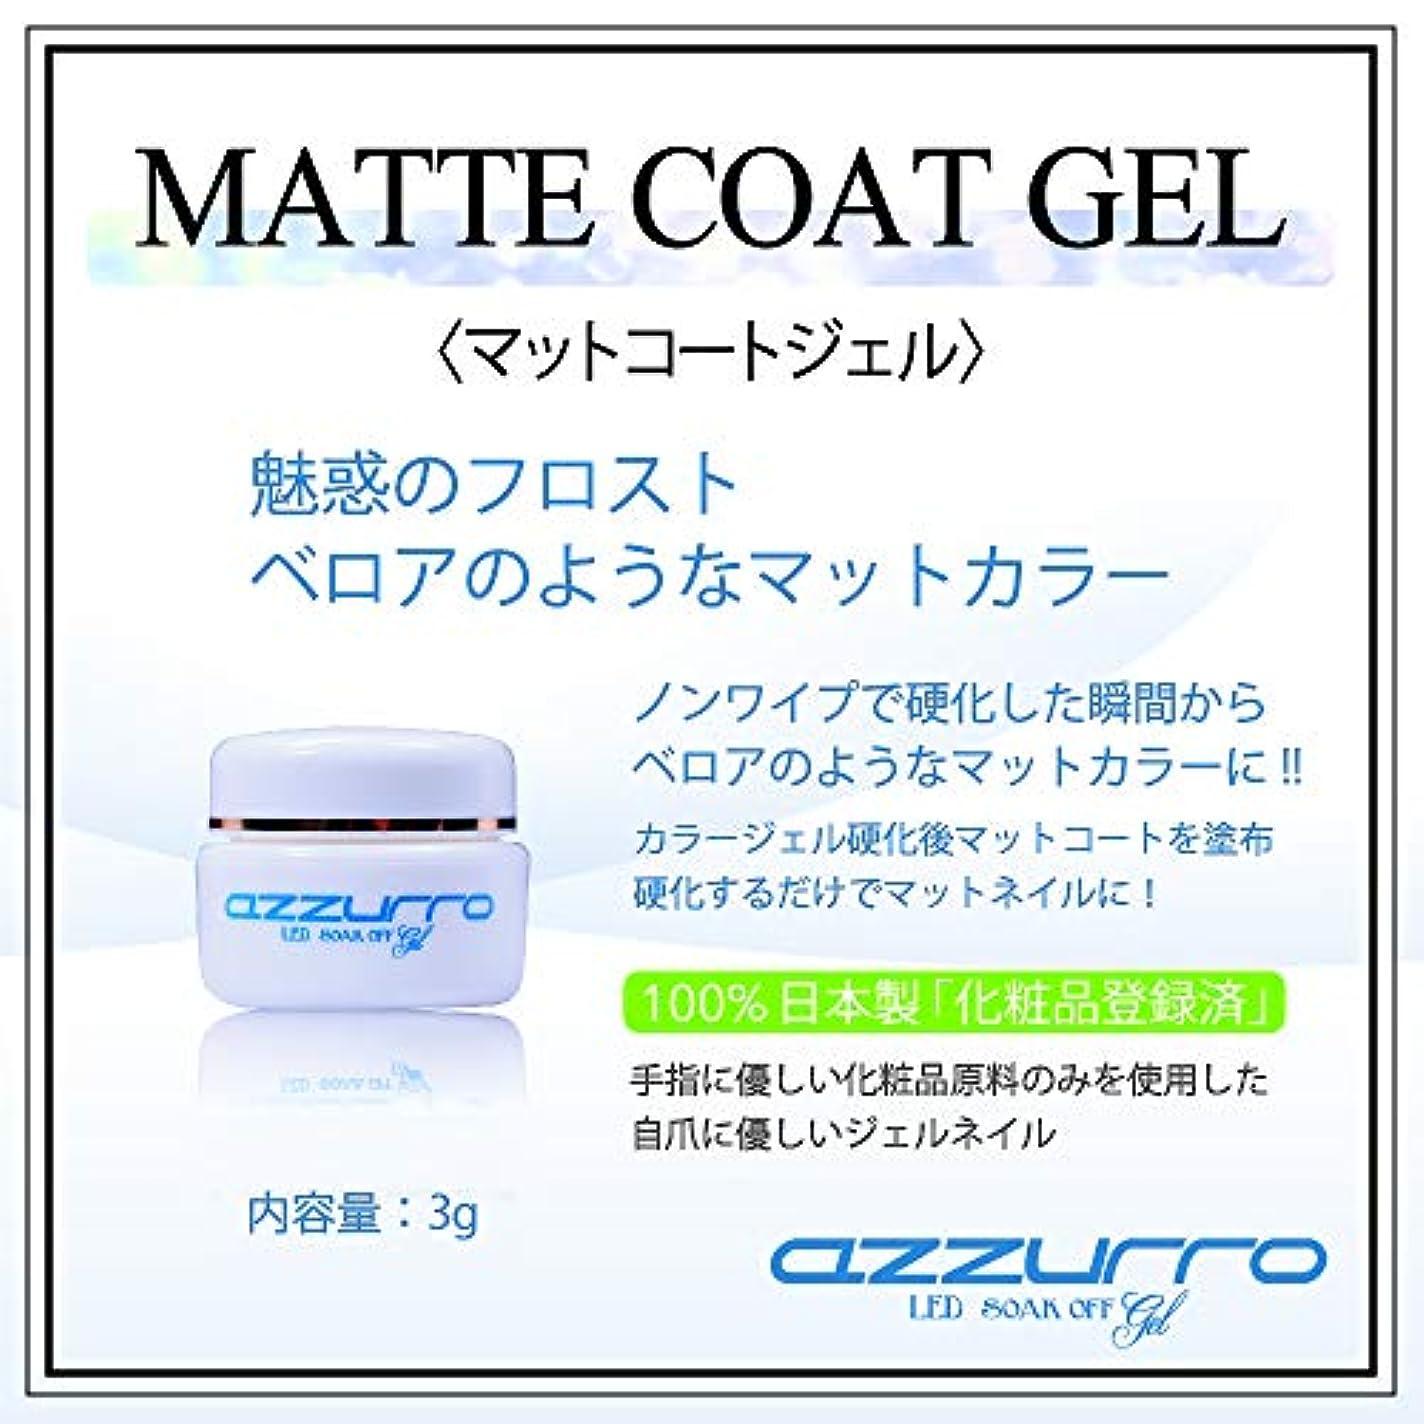 クローゼット竜巻持つazzurro マットコートジェル 3g